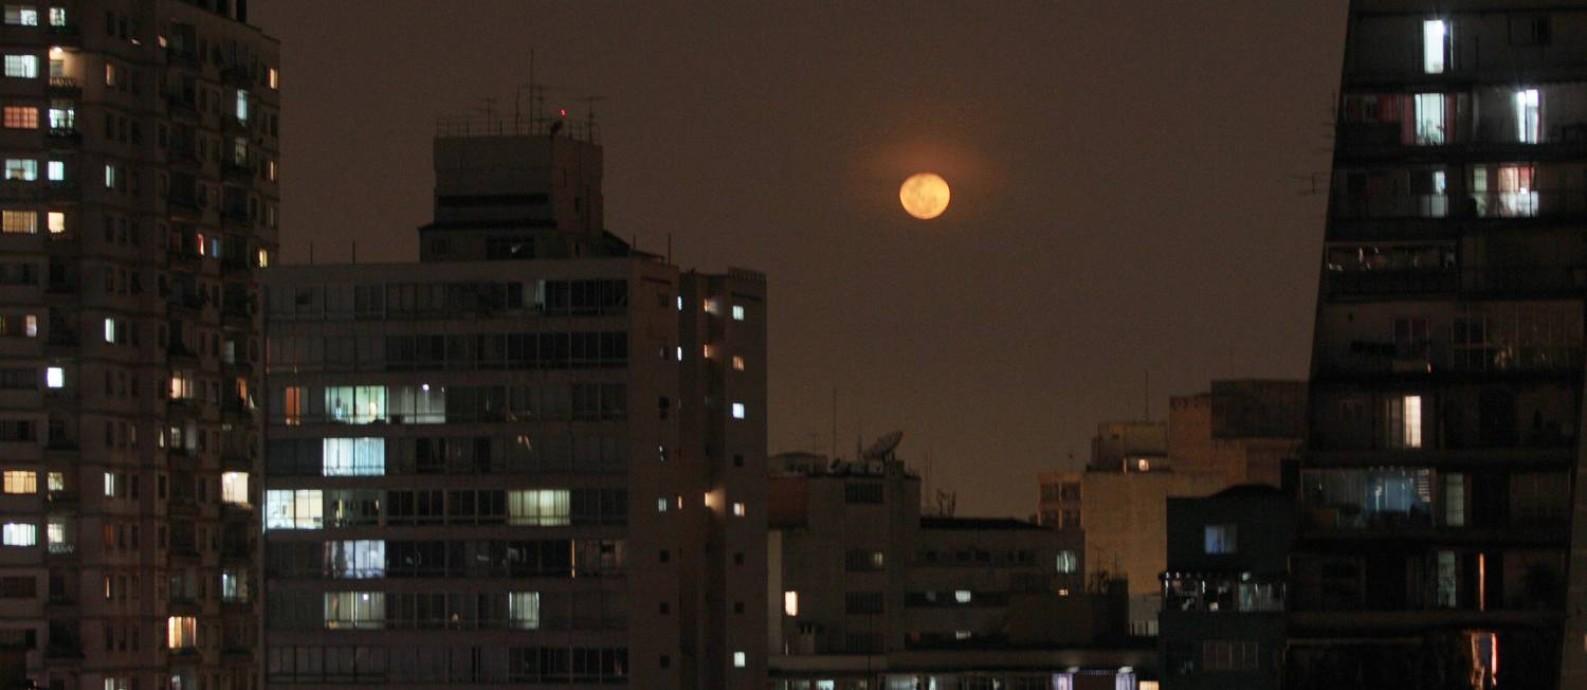 Lua cheia na cidade em Bela Vista, centro da cidade Foto: Michel Filho / Agência O Globo